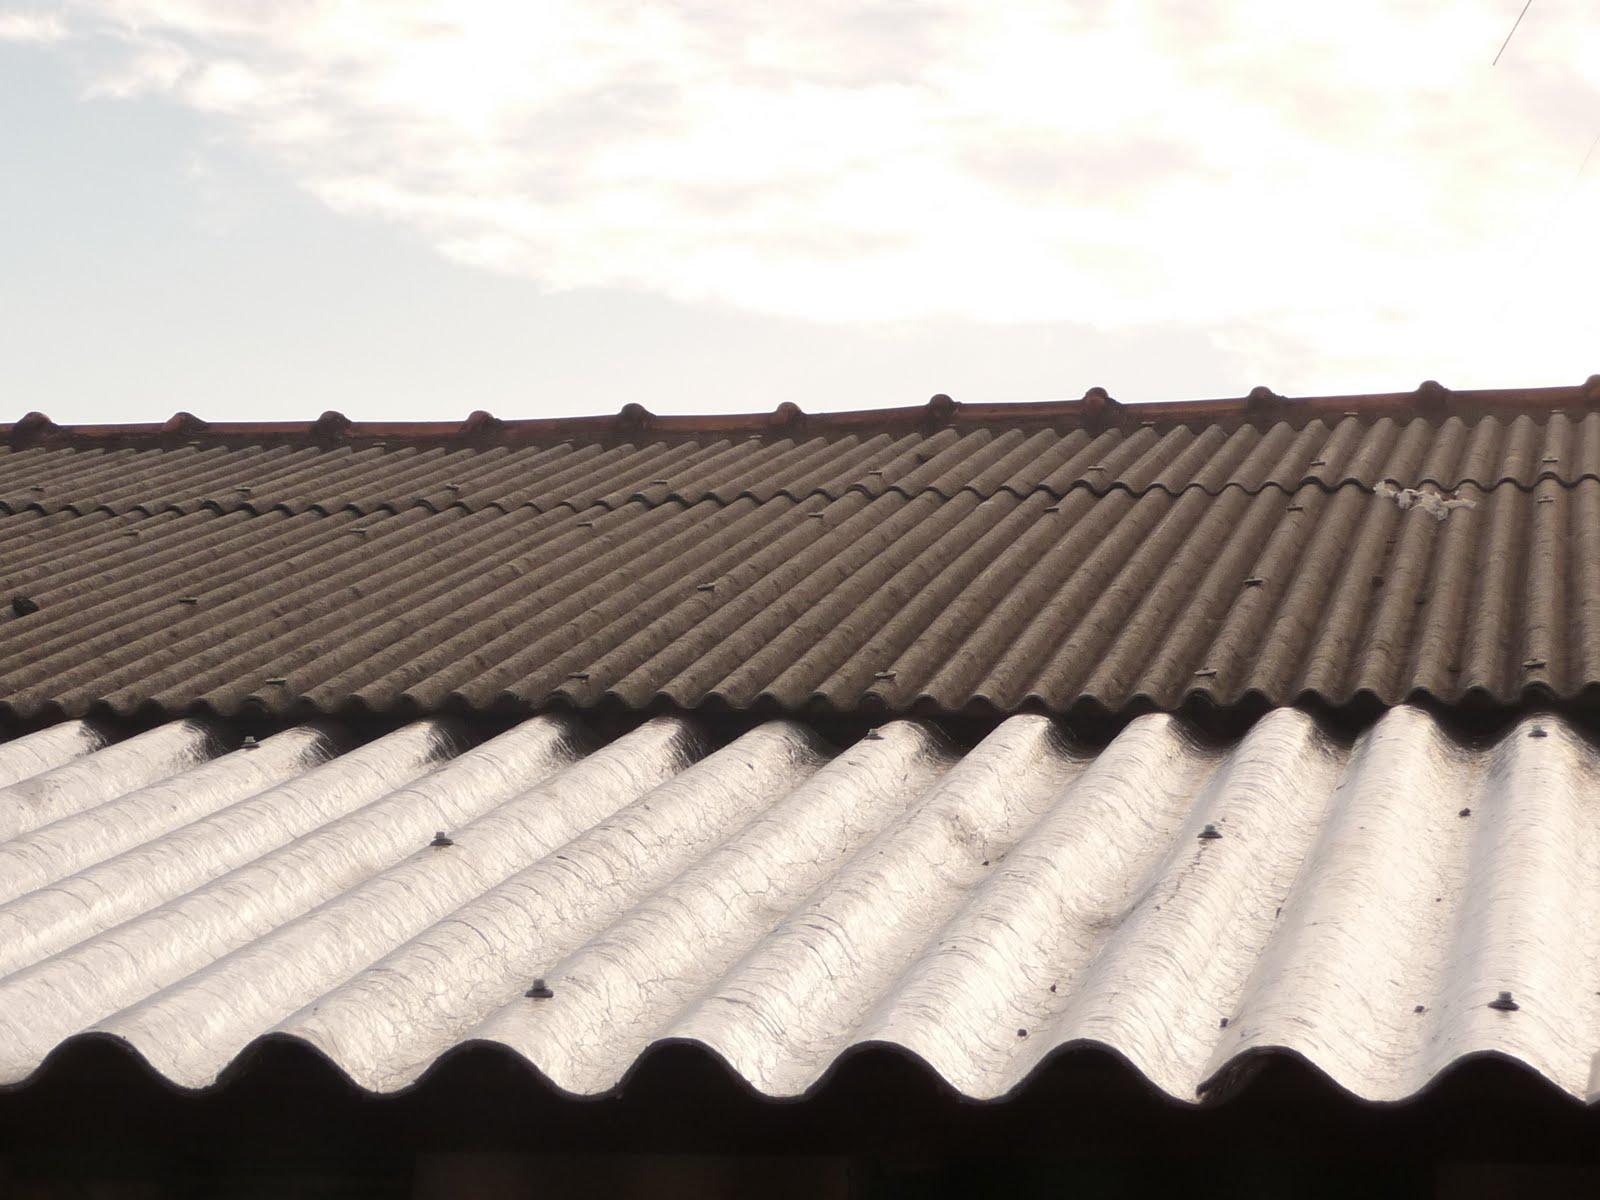 Telhas ecológicas feitas de material reciclado: estou usando em casa #836848 1600x1200